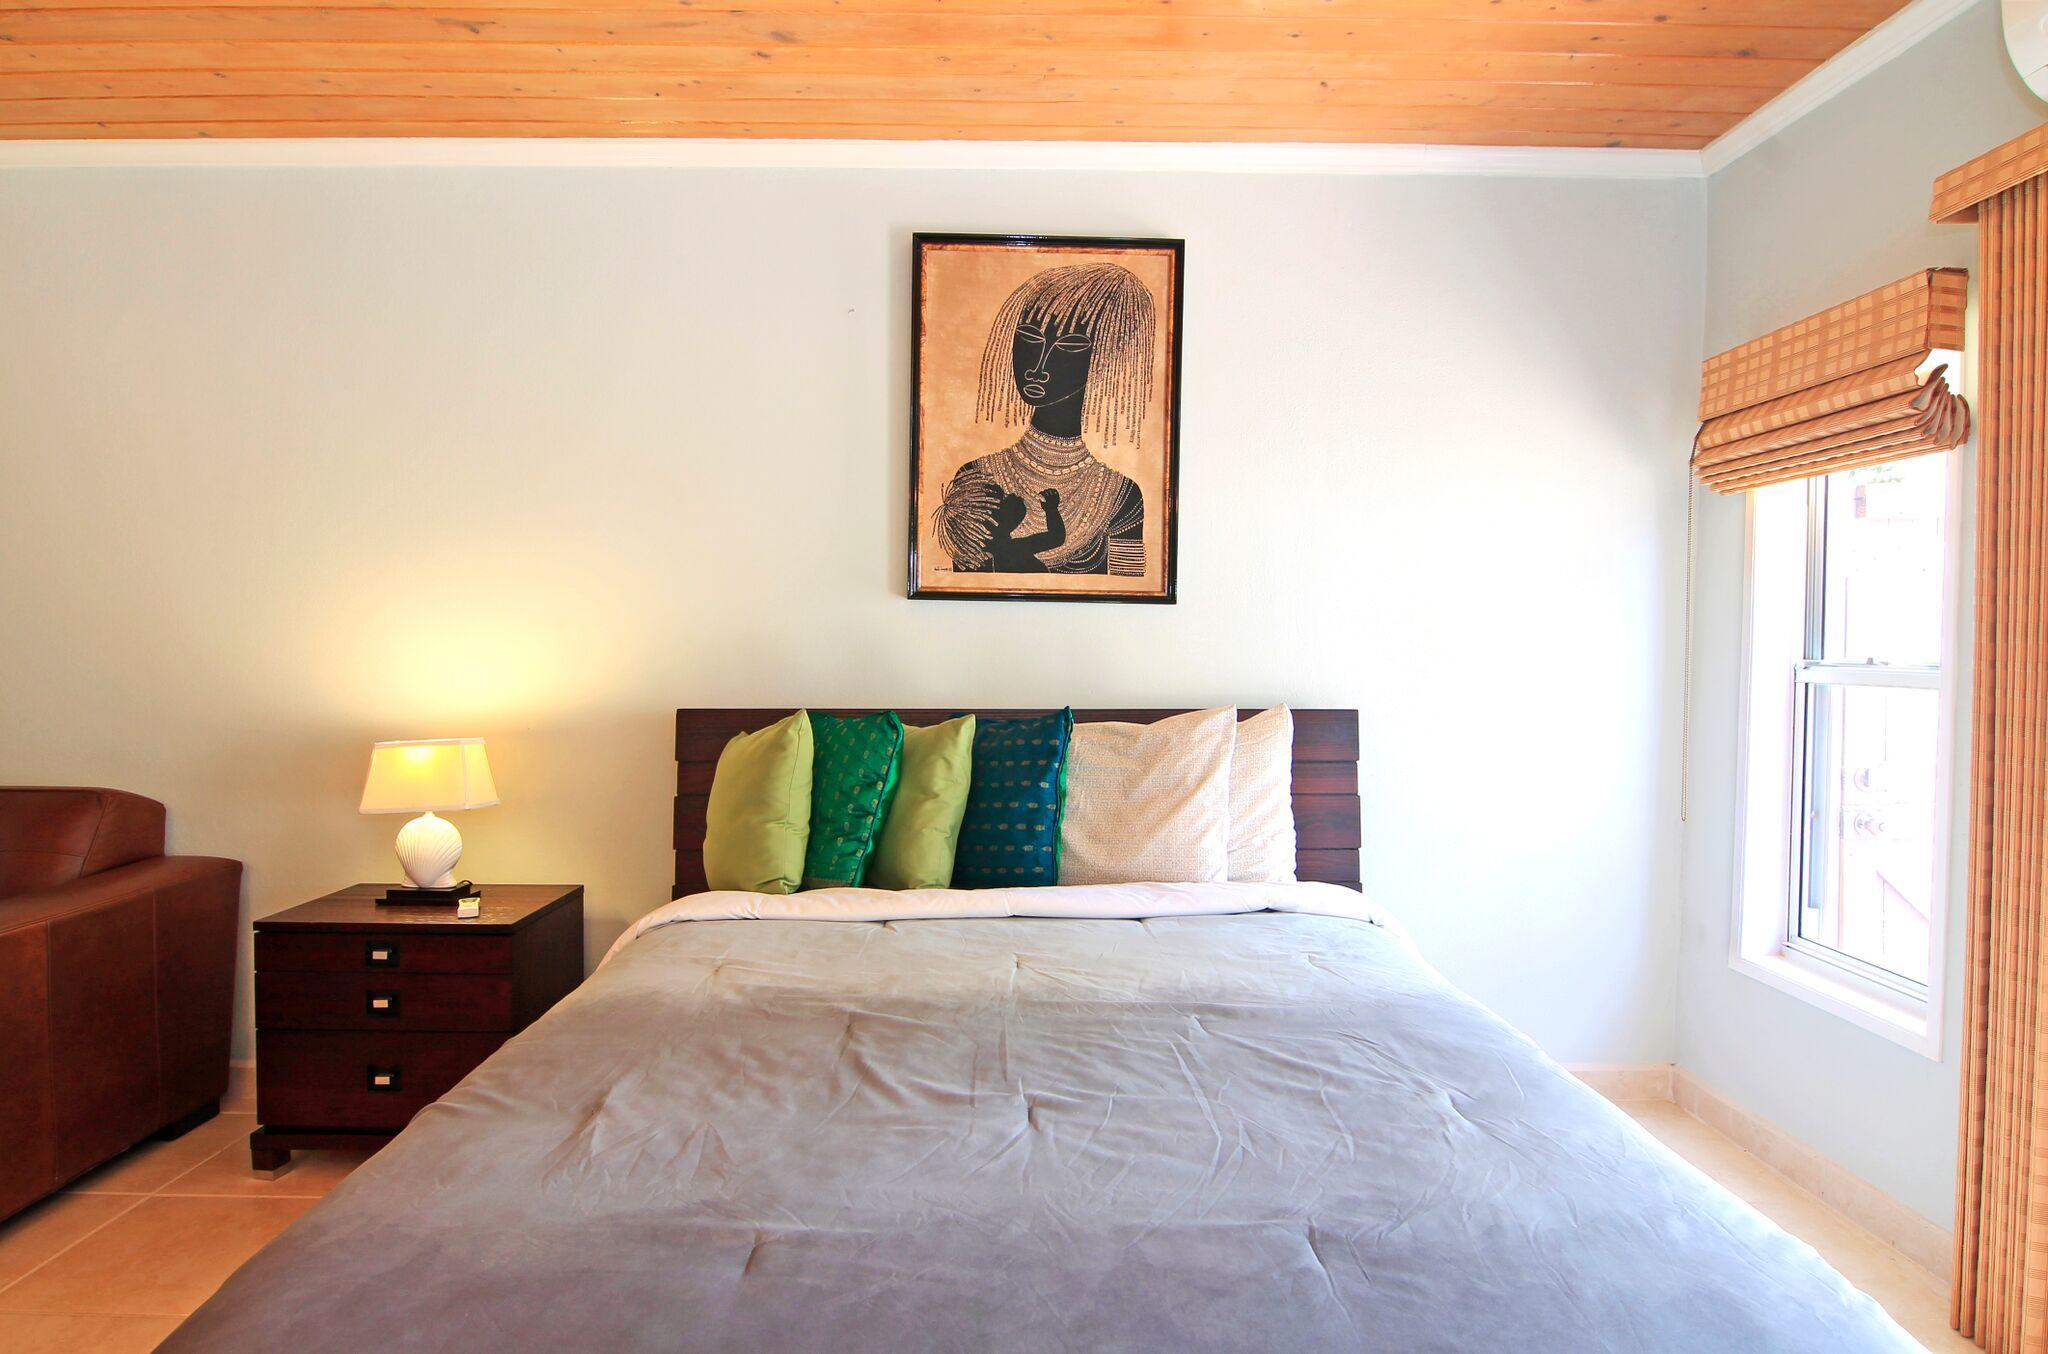 Guest Suite Details